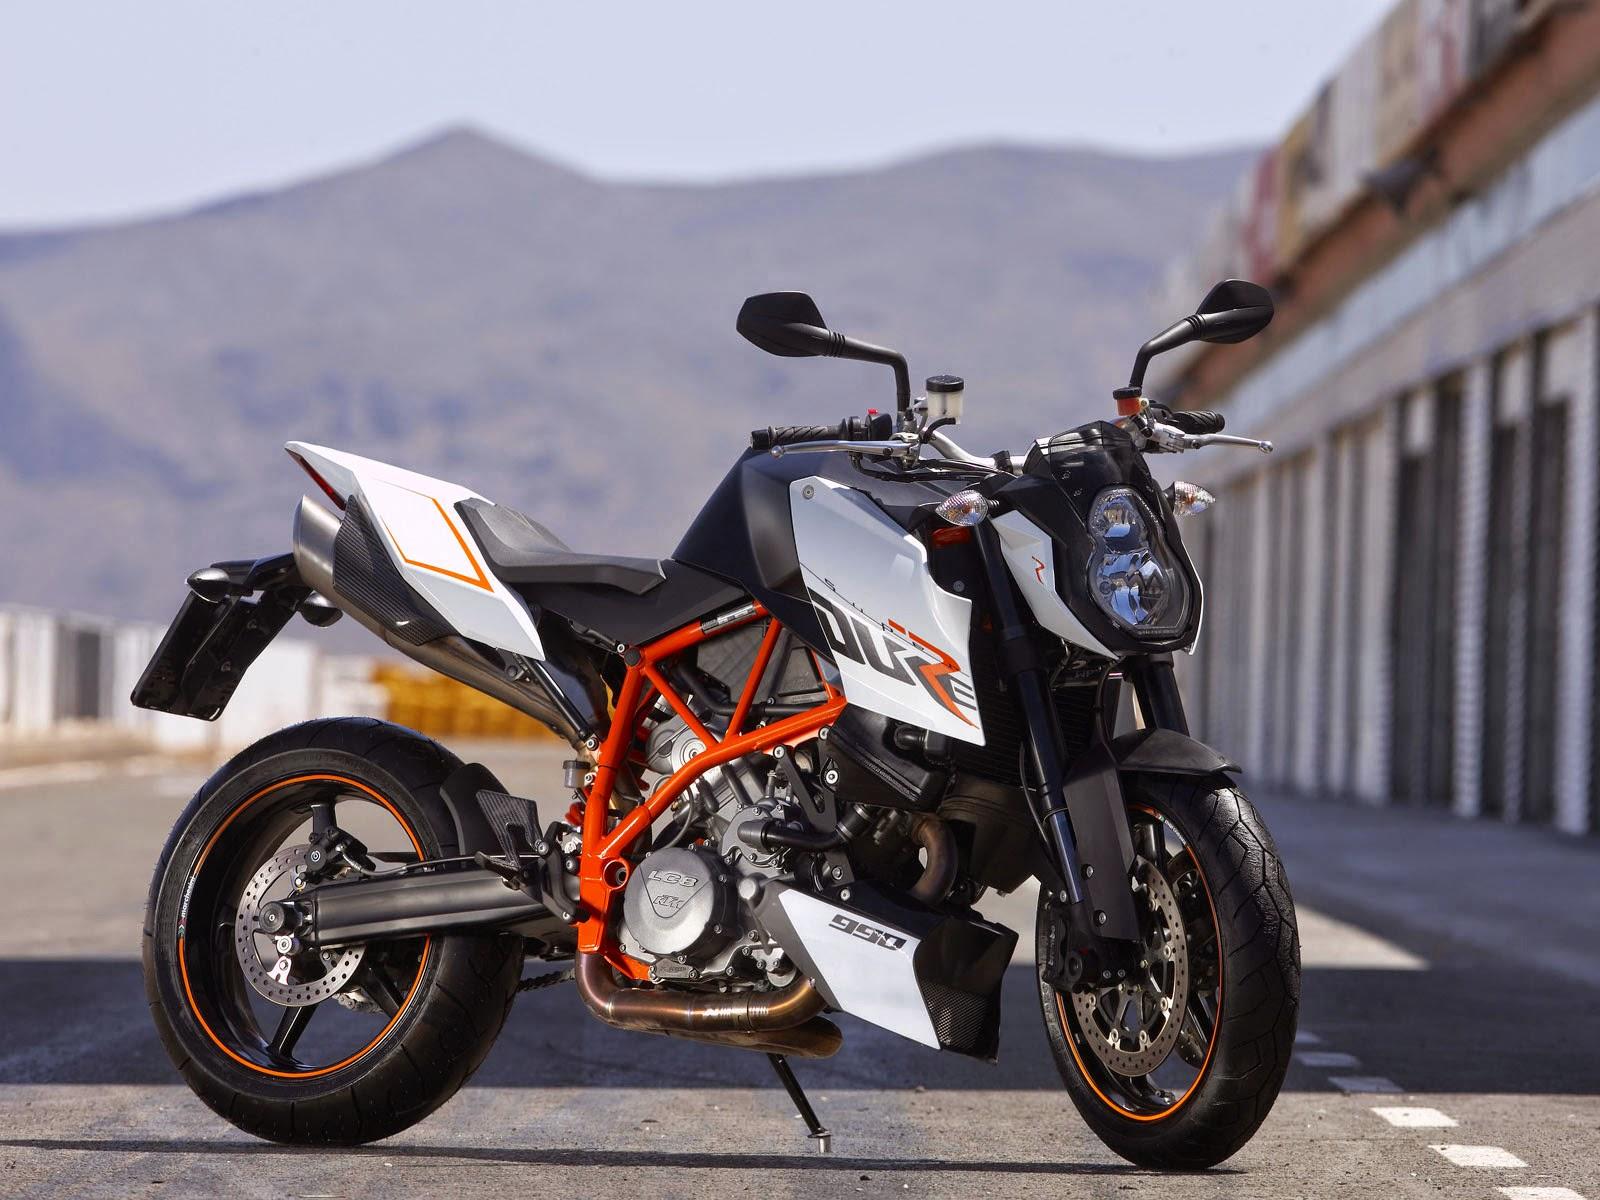 KTM 990 Super Duke Bikes Price